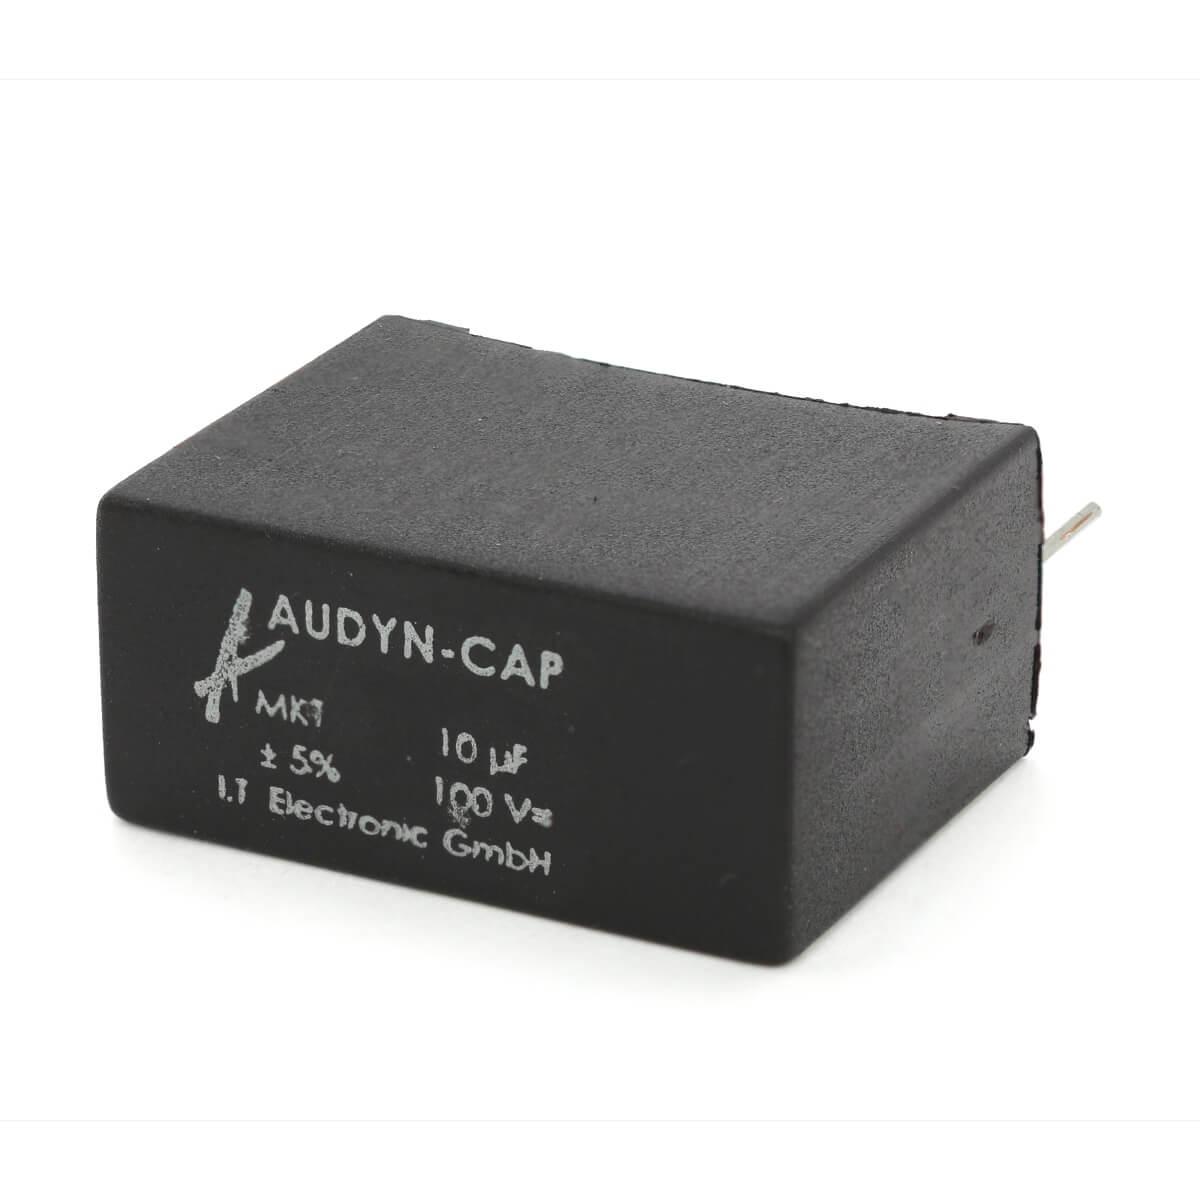 AUDYN CAP Radial MKT Capacitor 100V 10µF